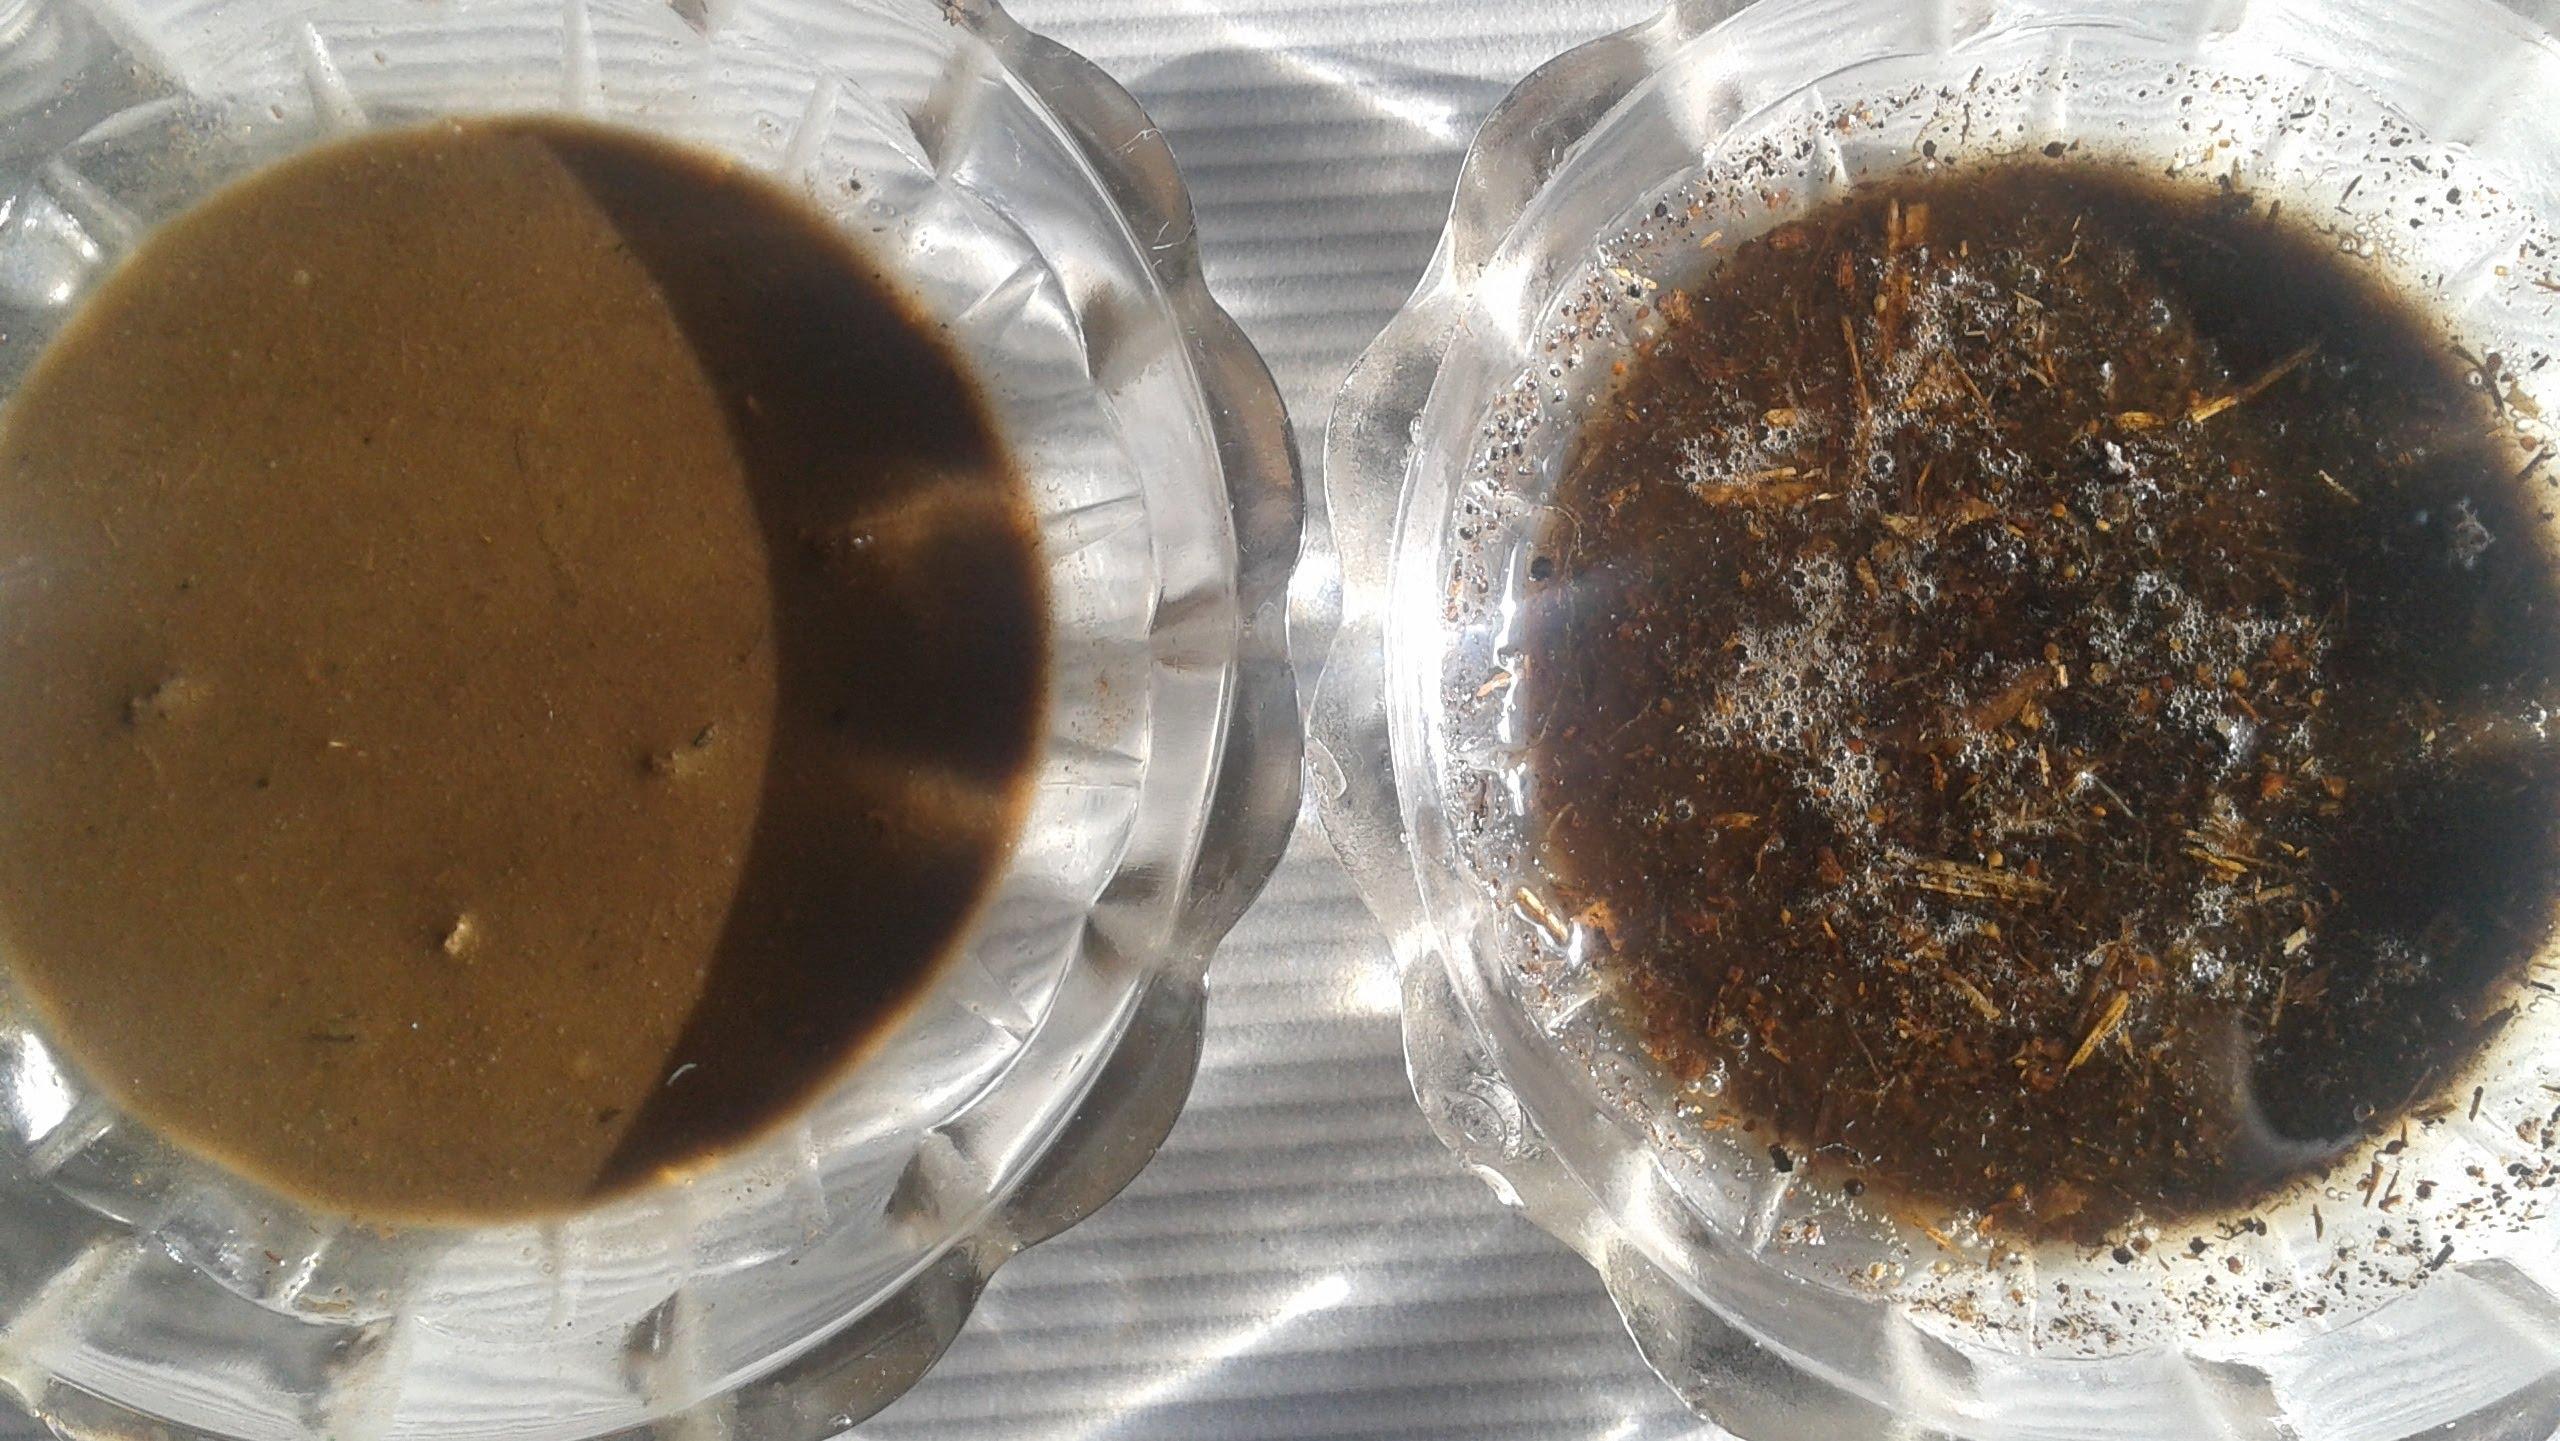 двойной суперфосфат удобрение инструкция по применению